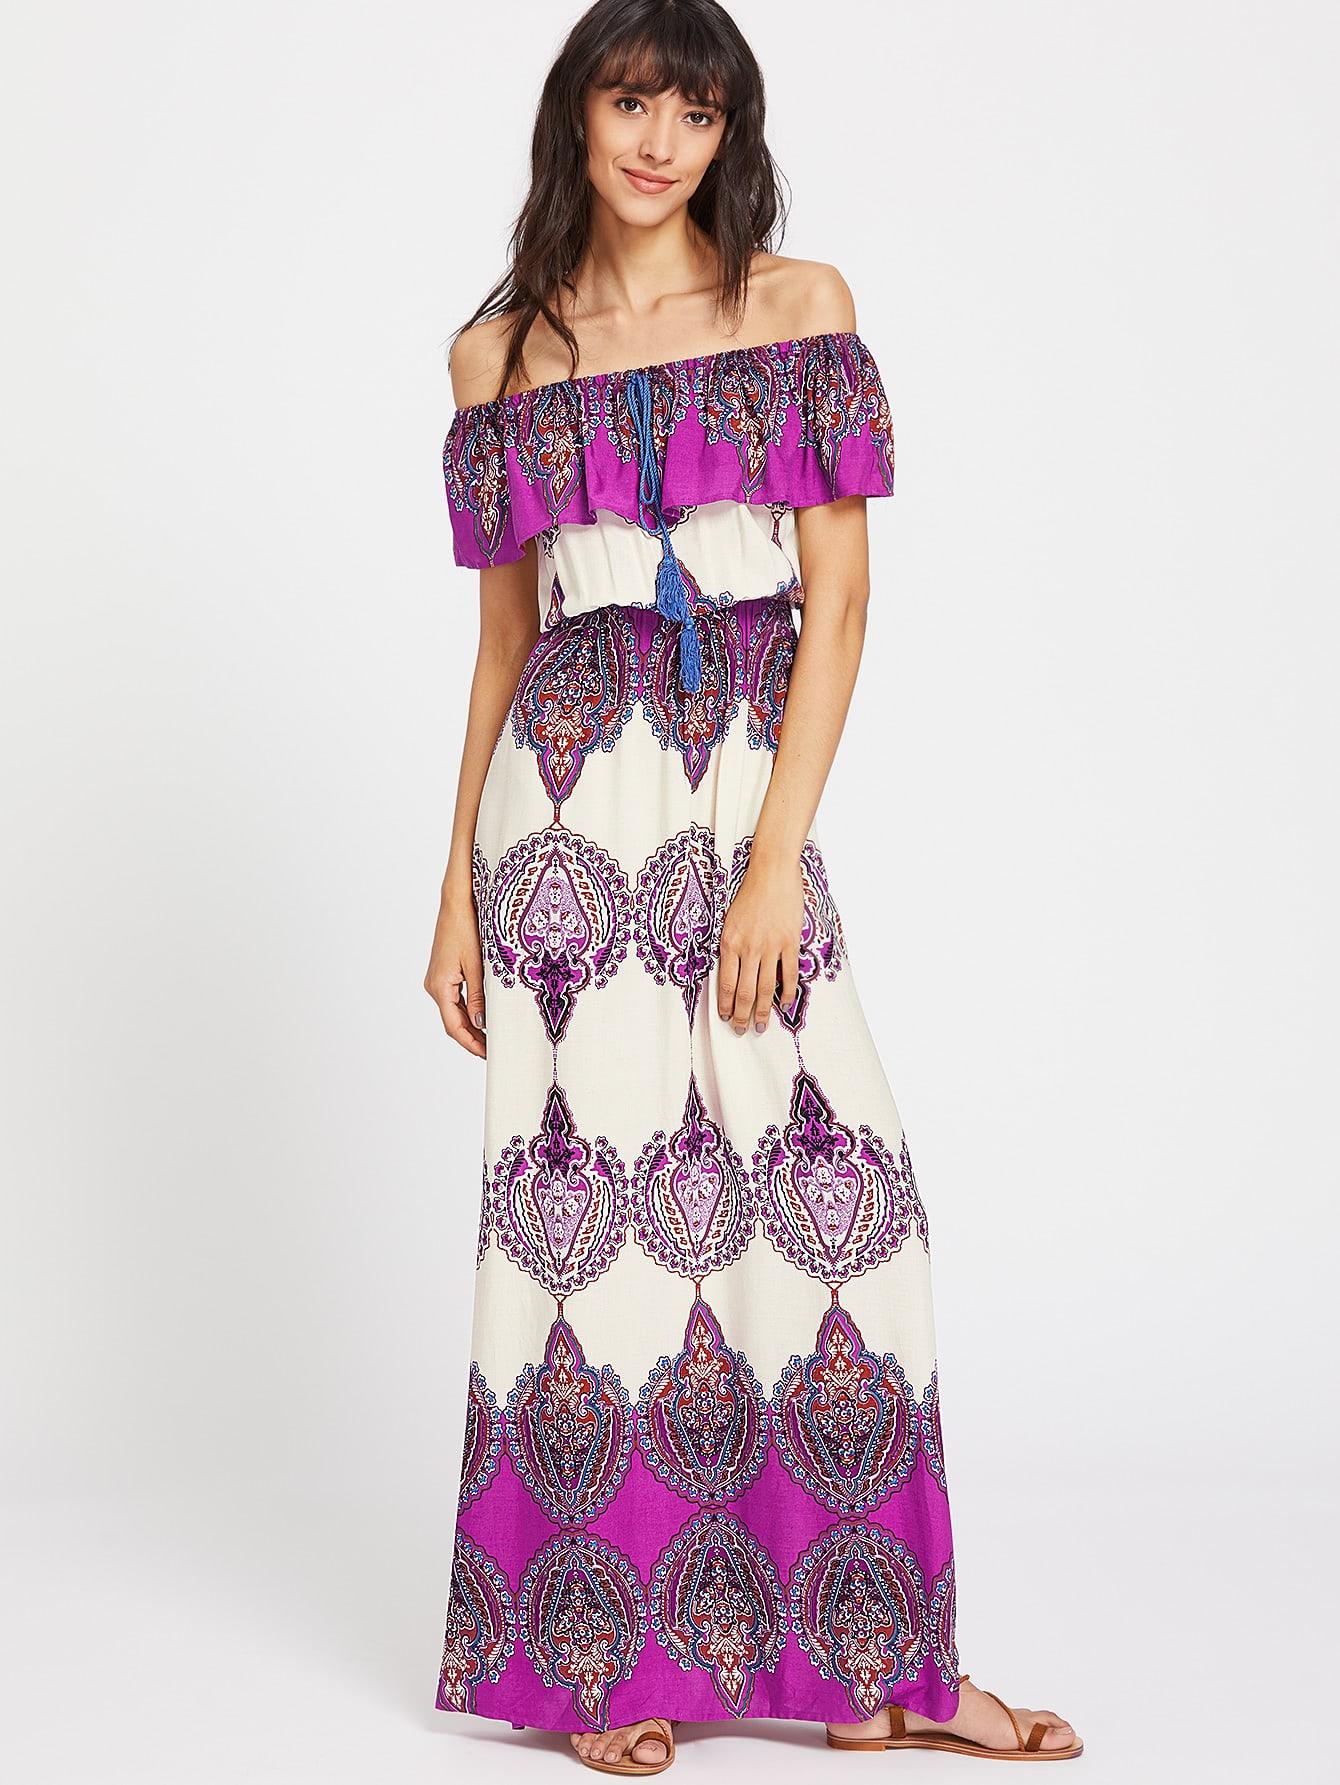 Фото Aztec Print Flounce Layered Neckline Tassel Tie Dress. Купить с доставкой